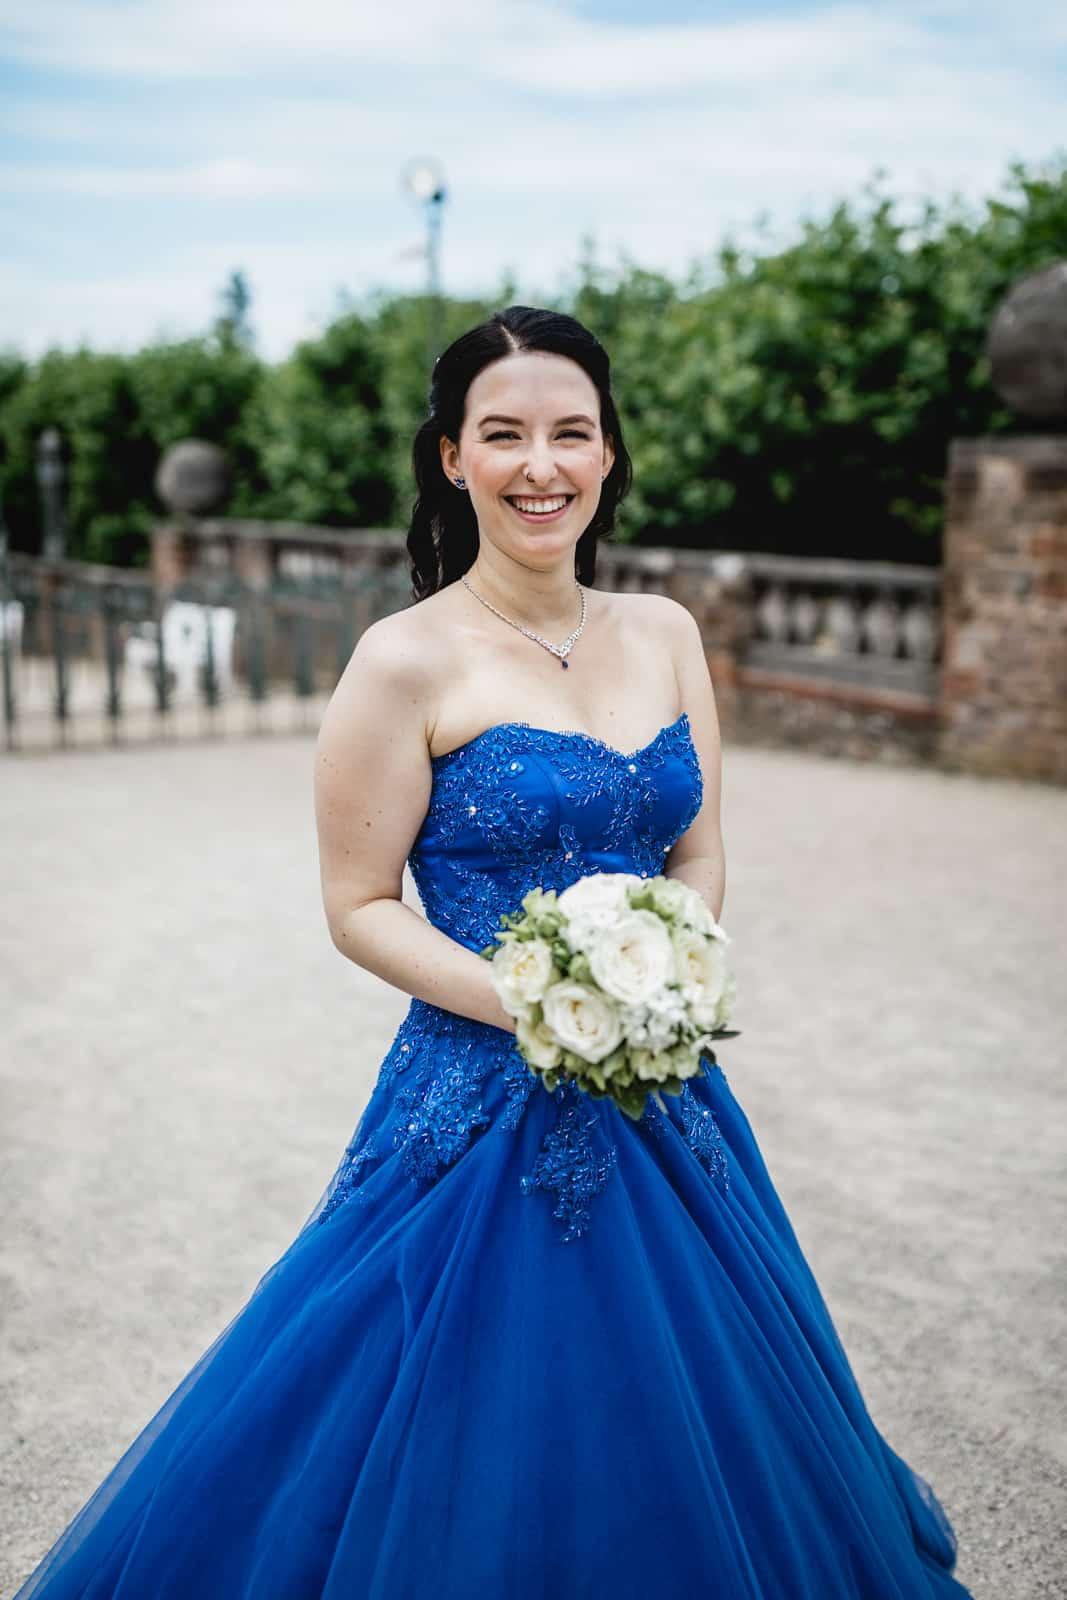 Braut im blauen Brautkleid auf der Mathildenhöhe Darmstadt lacht in die Kamera